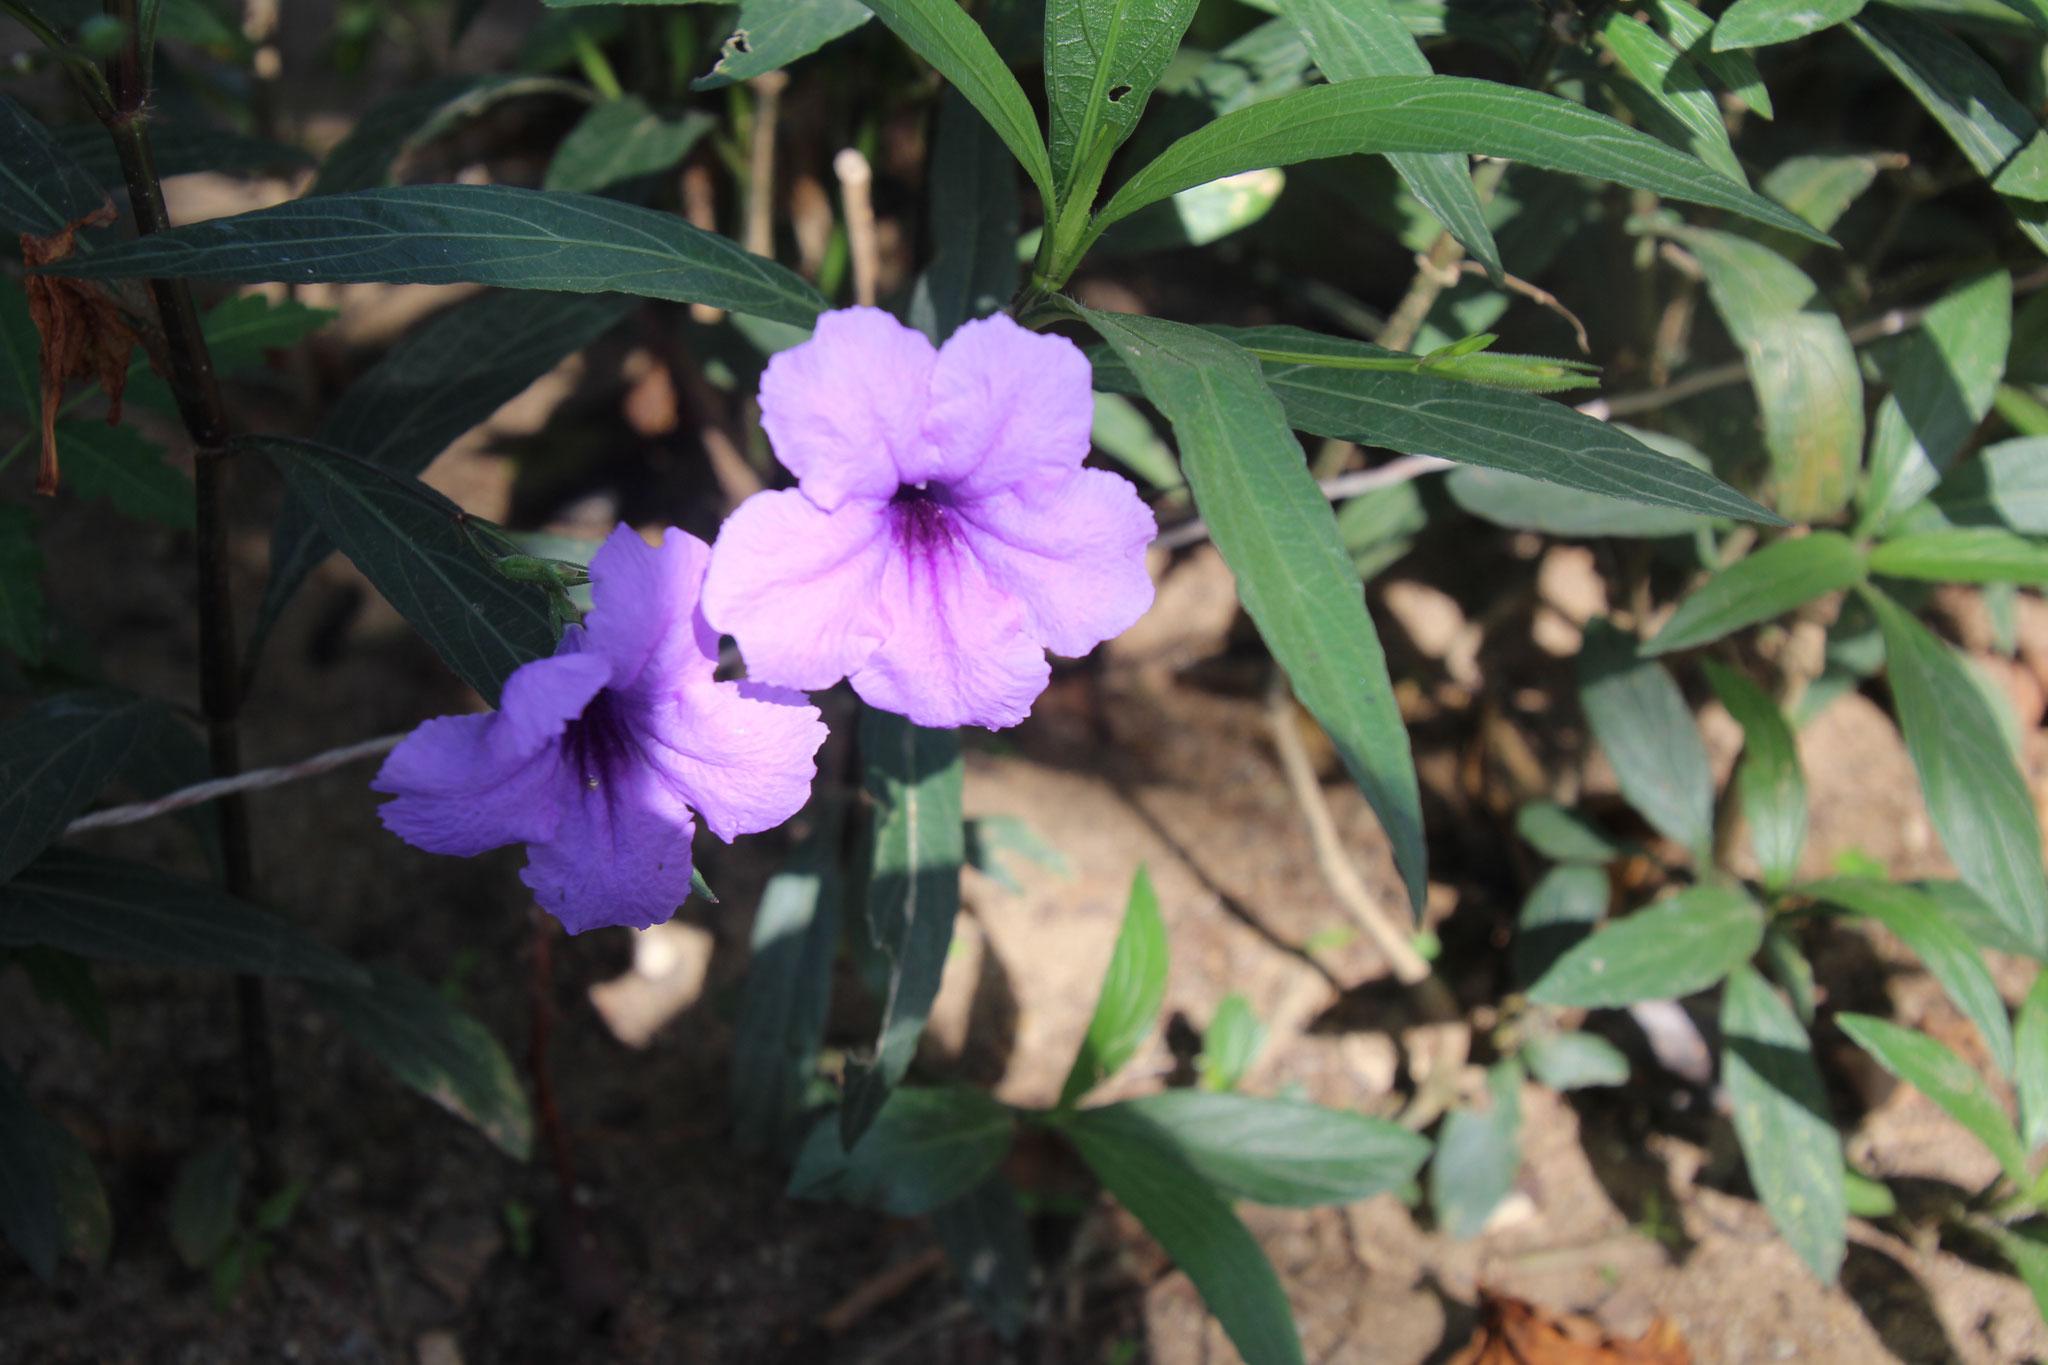 Diese Blume gibt es auch in Viollet, Rosa und Weiss.